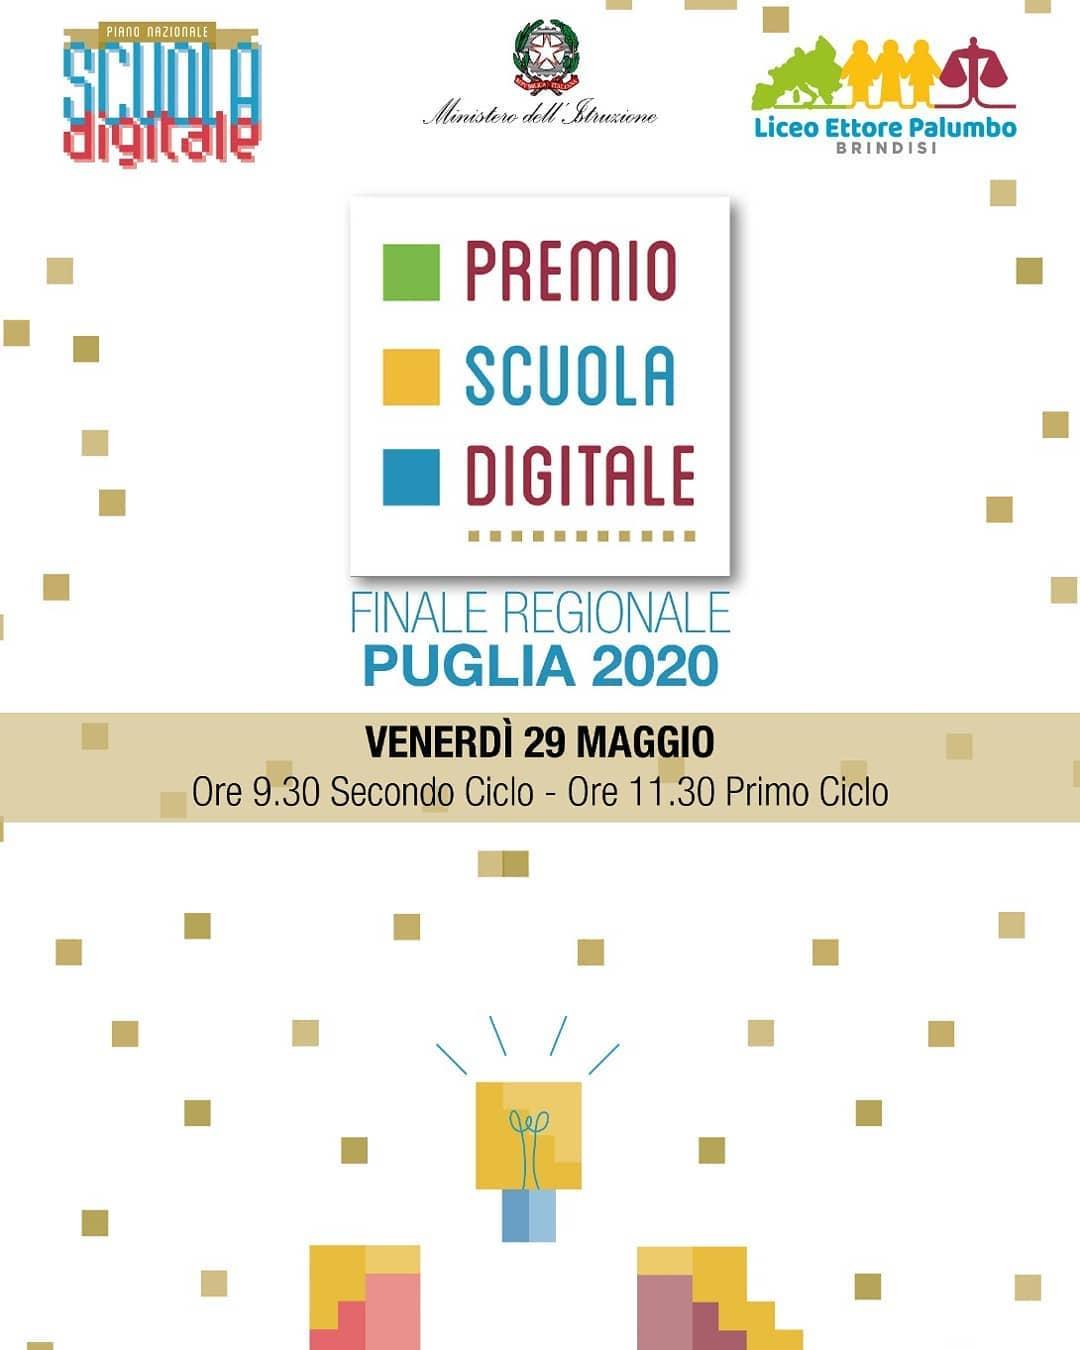 Premio Scuola Digitale: Finale Regionale